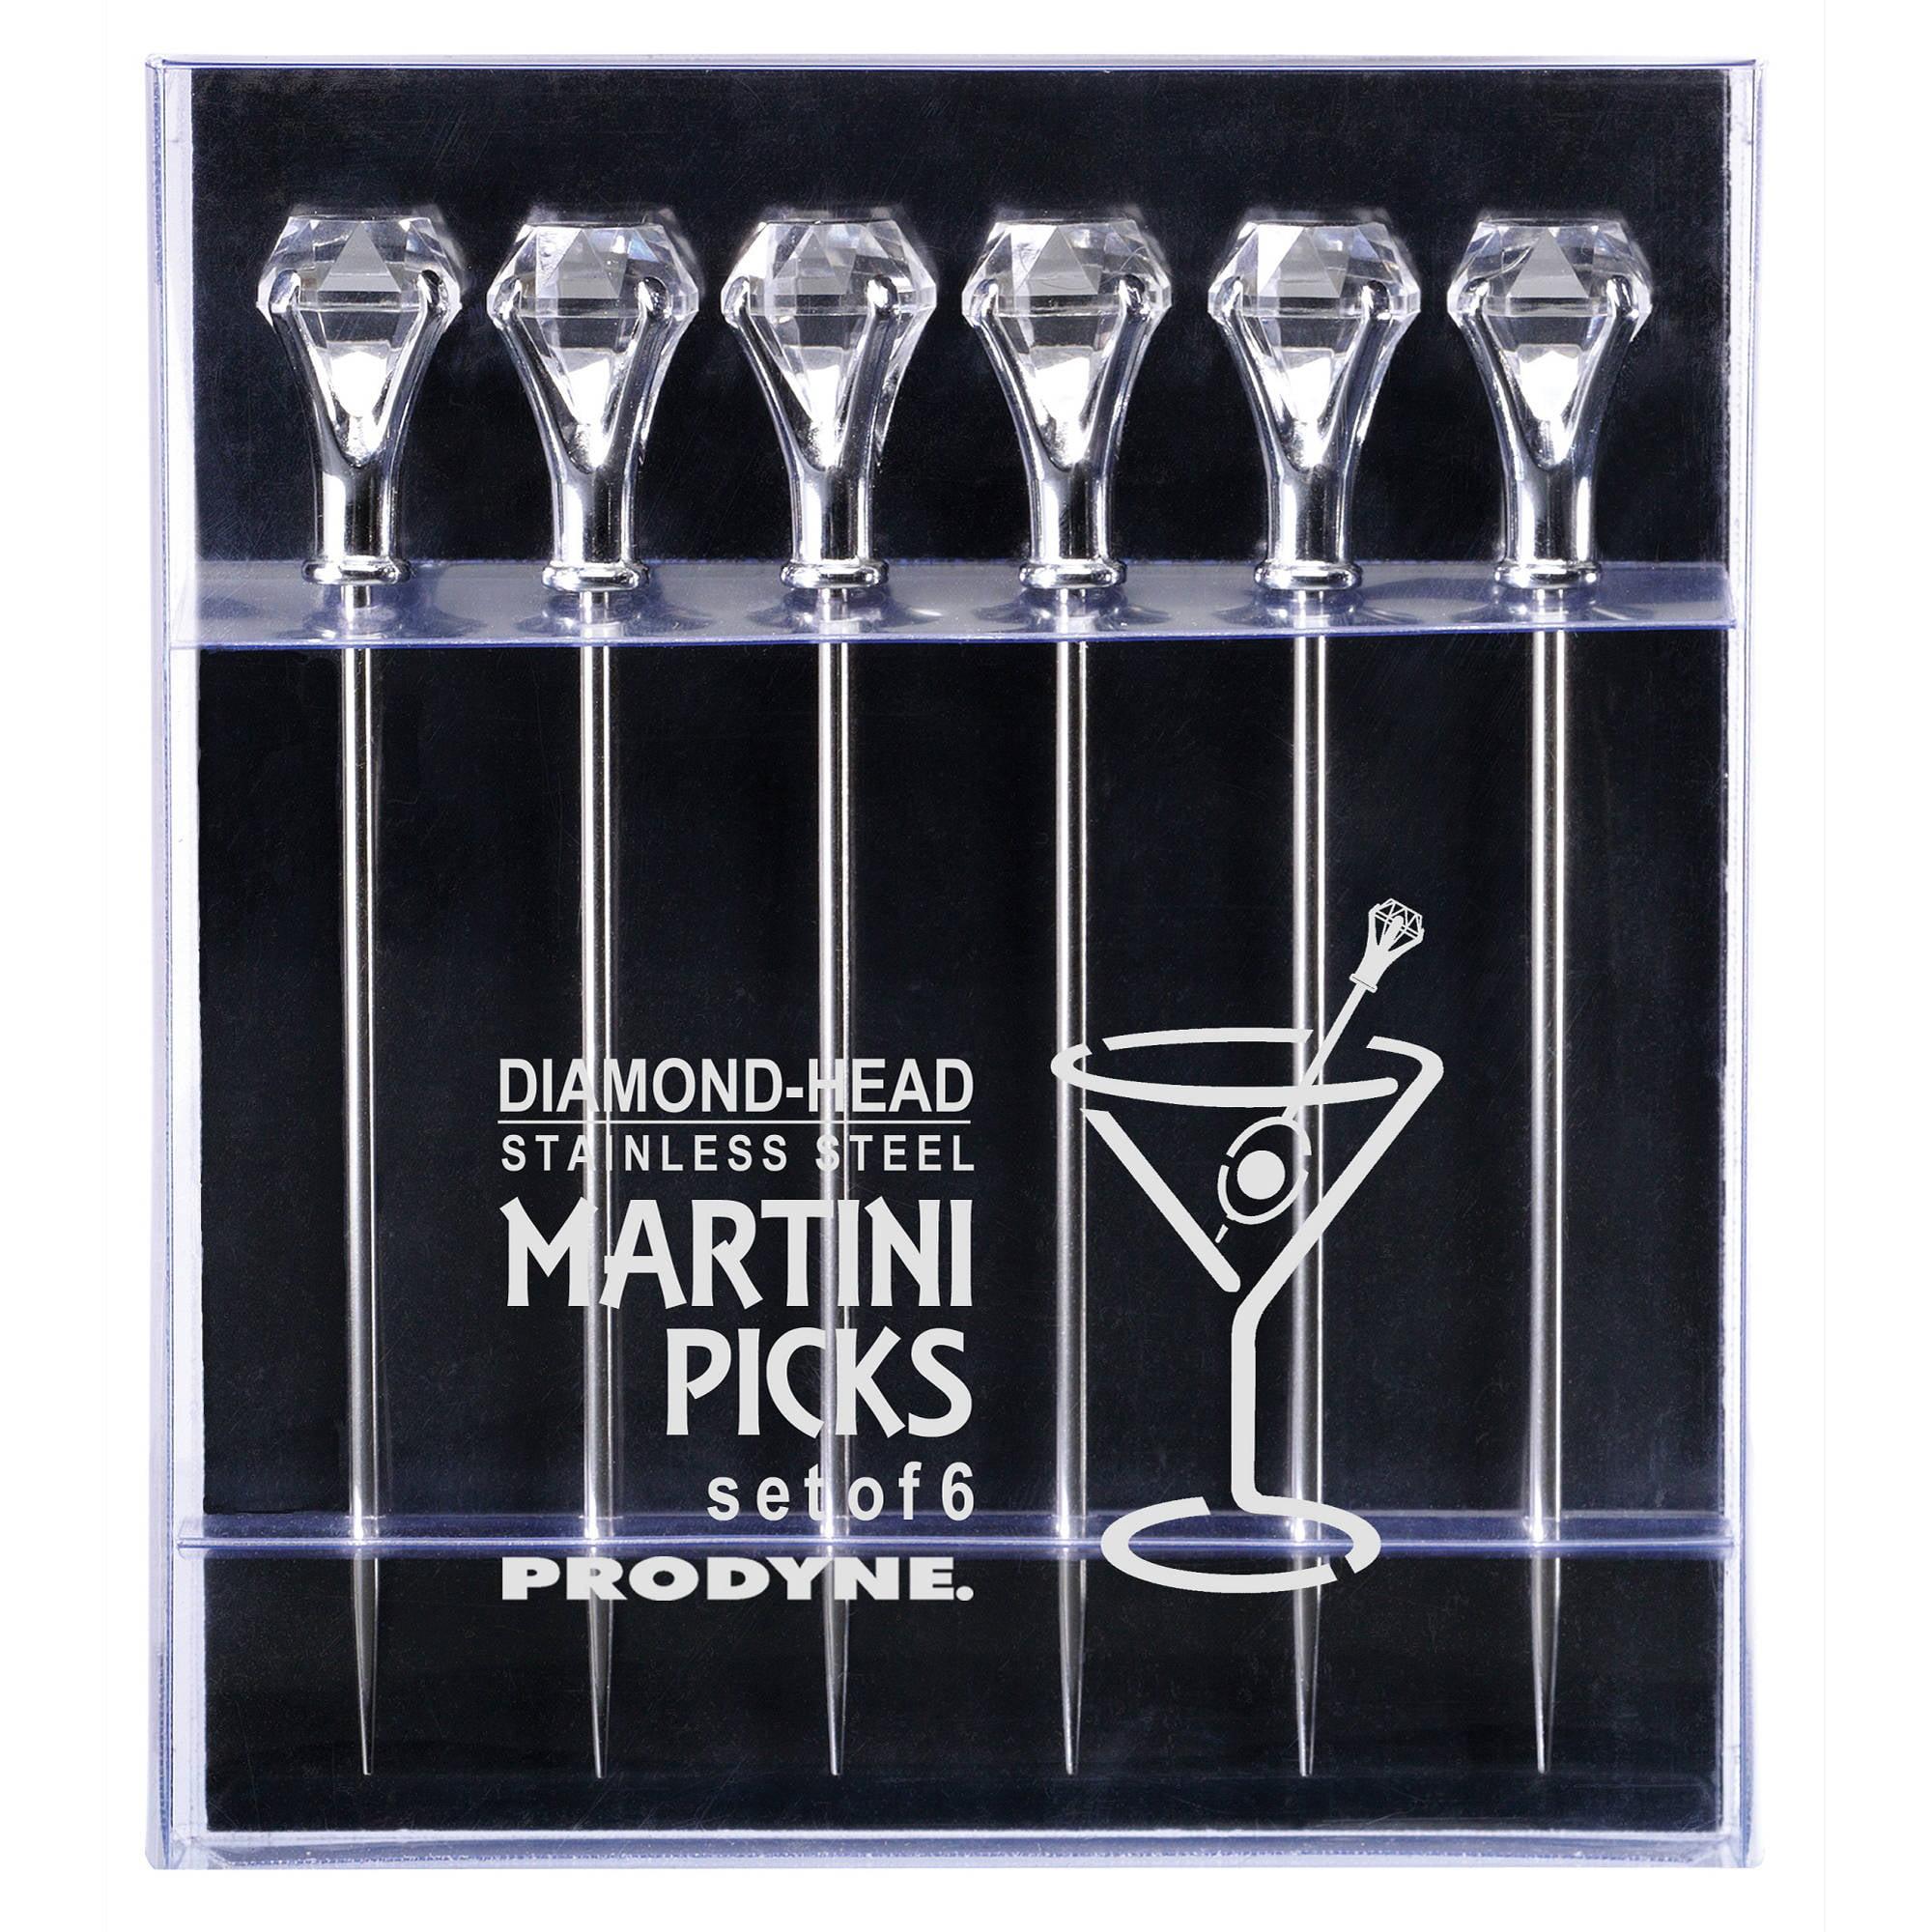 Prodyne DIAMOND-HEAD Martini Picks, Set of 6 by Prodyne